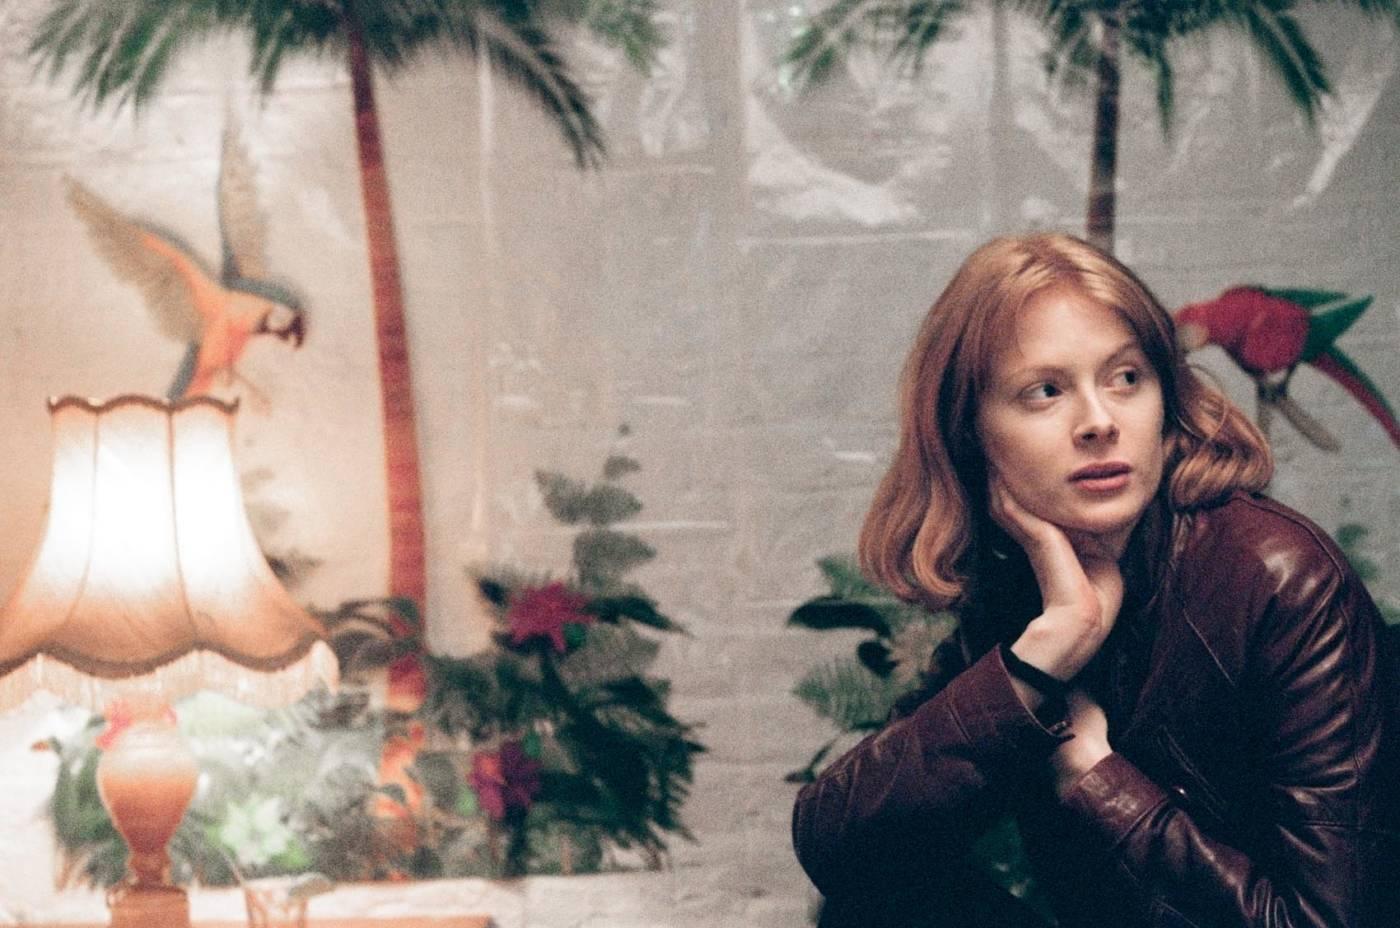 DAPHNÉ, Chronique d'une femme dans la jungle contemporaine – Critique